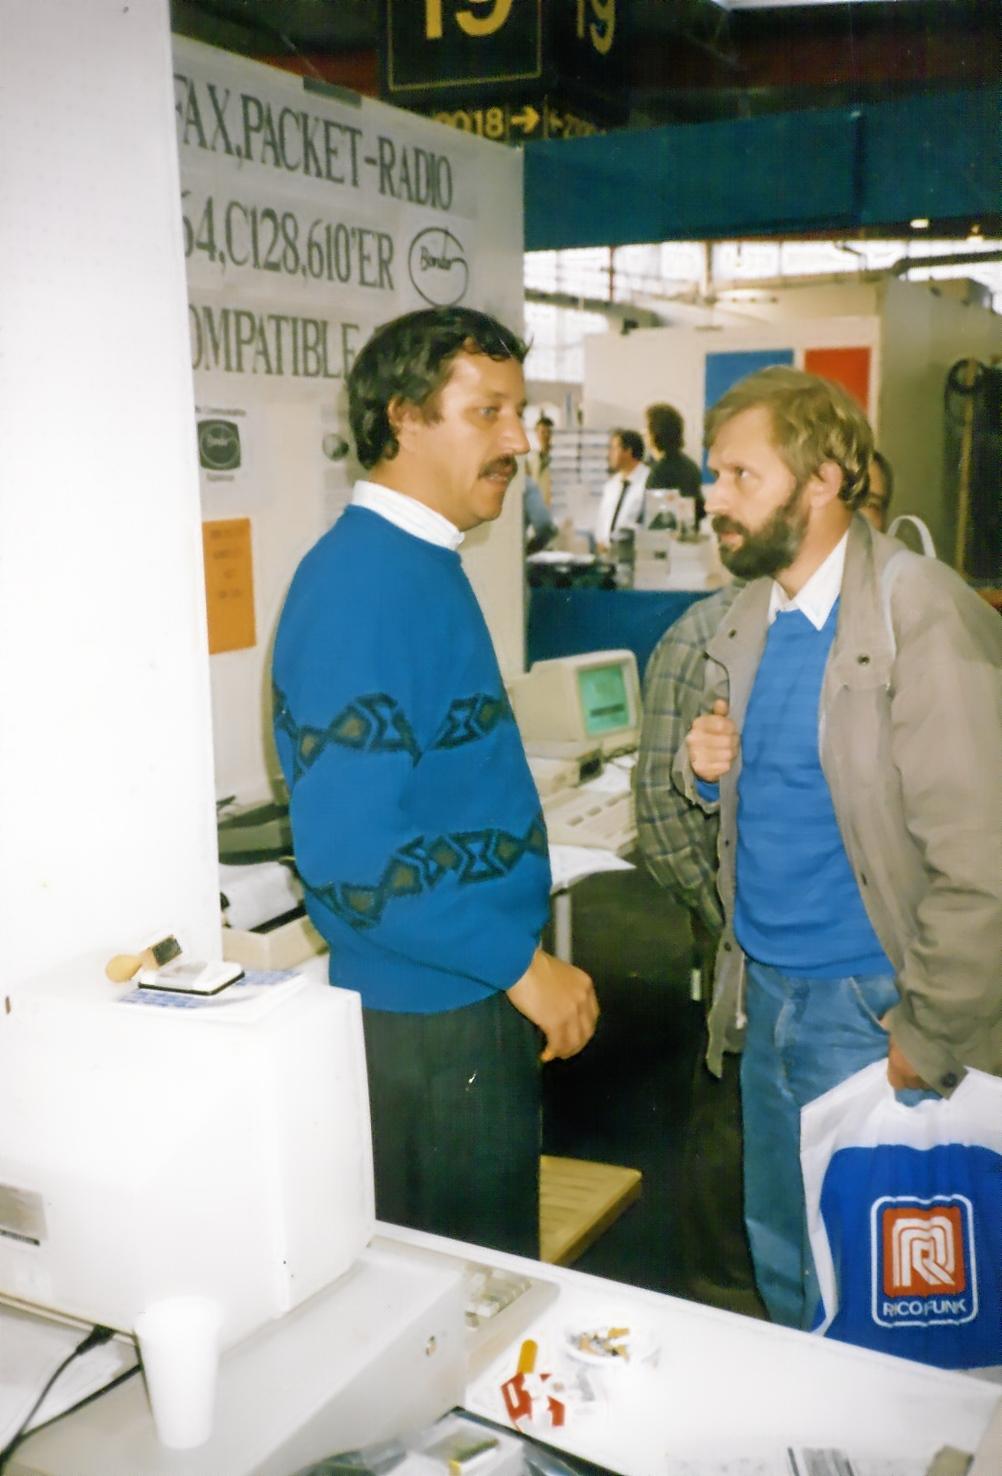 Bonito Wilfried Parton Interrradio 89